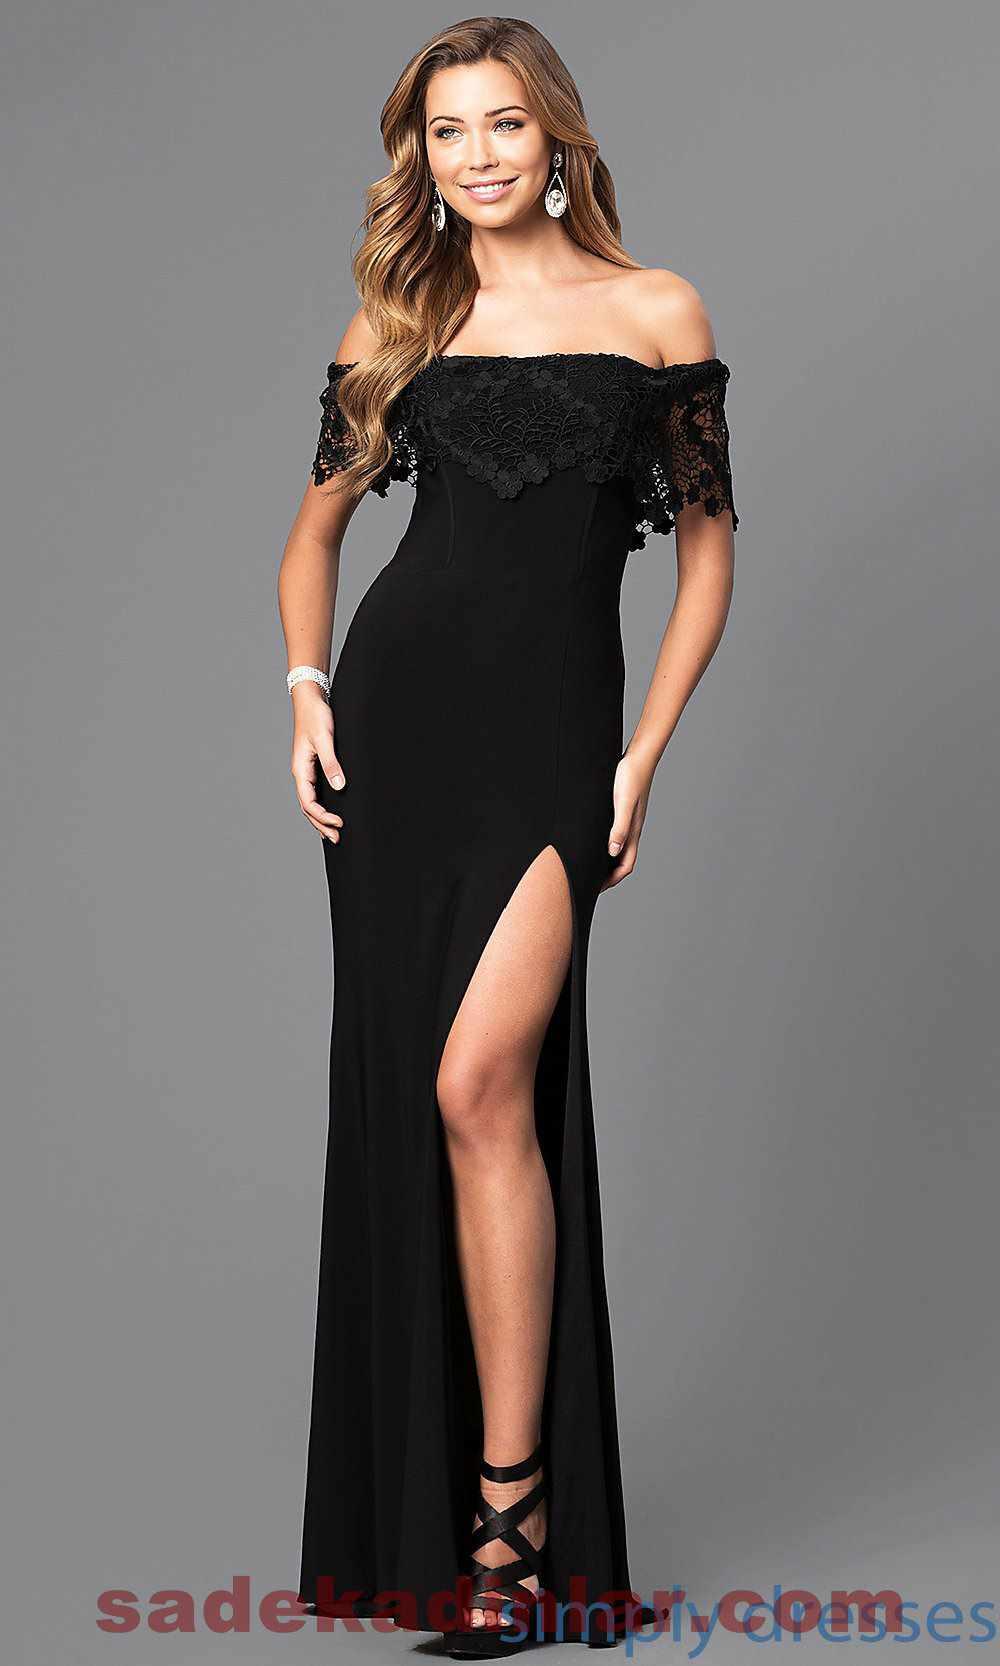 Açık Omuz Gece Elbiseleri 2018 & 2019 Abiye Modelleri